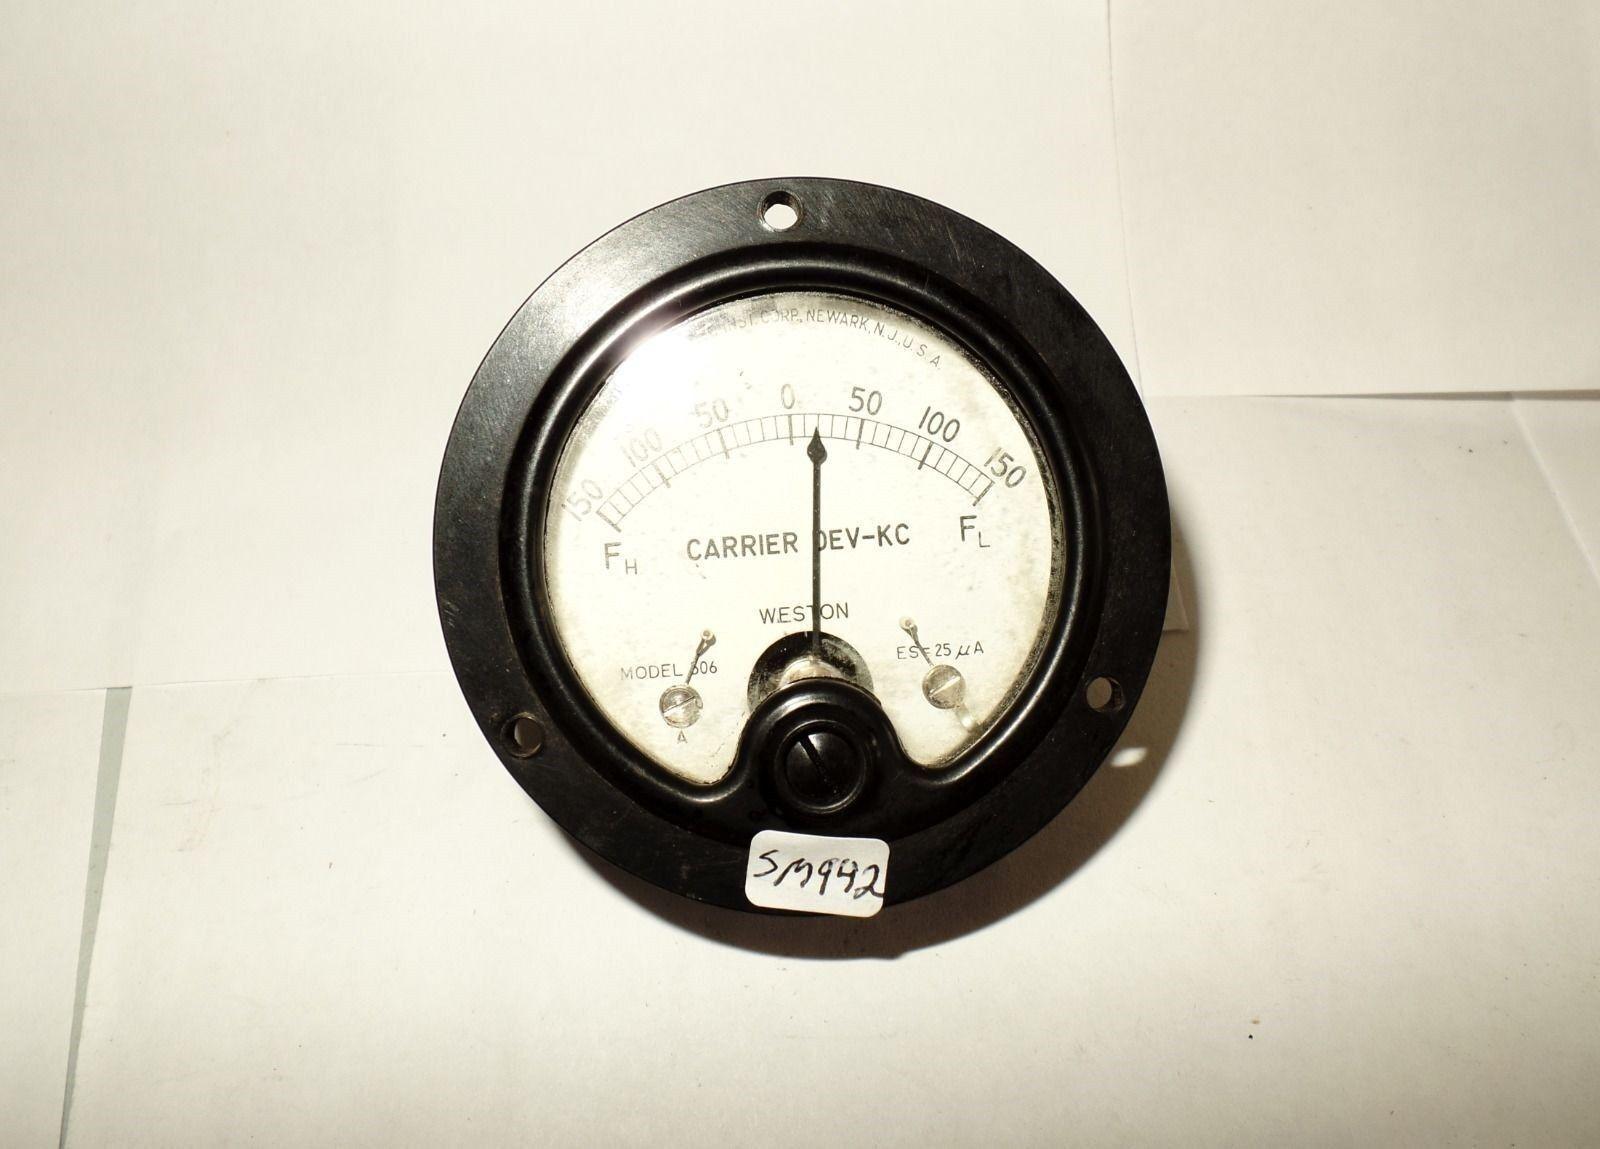 Weston Kc rossoondo Pannello Misuratore Metro Frequenza -150 150 Fh Fl